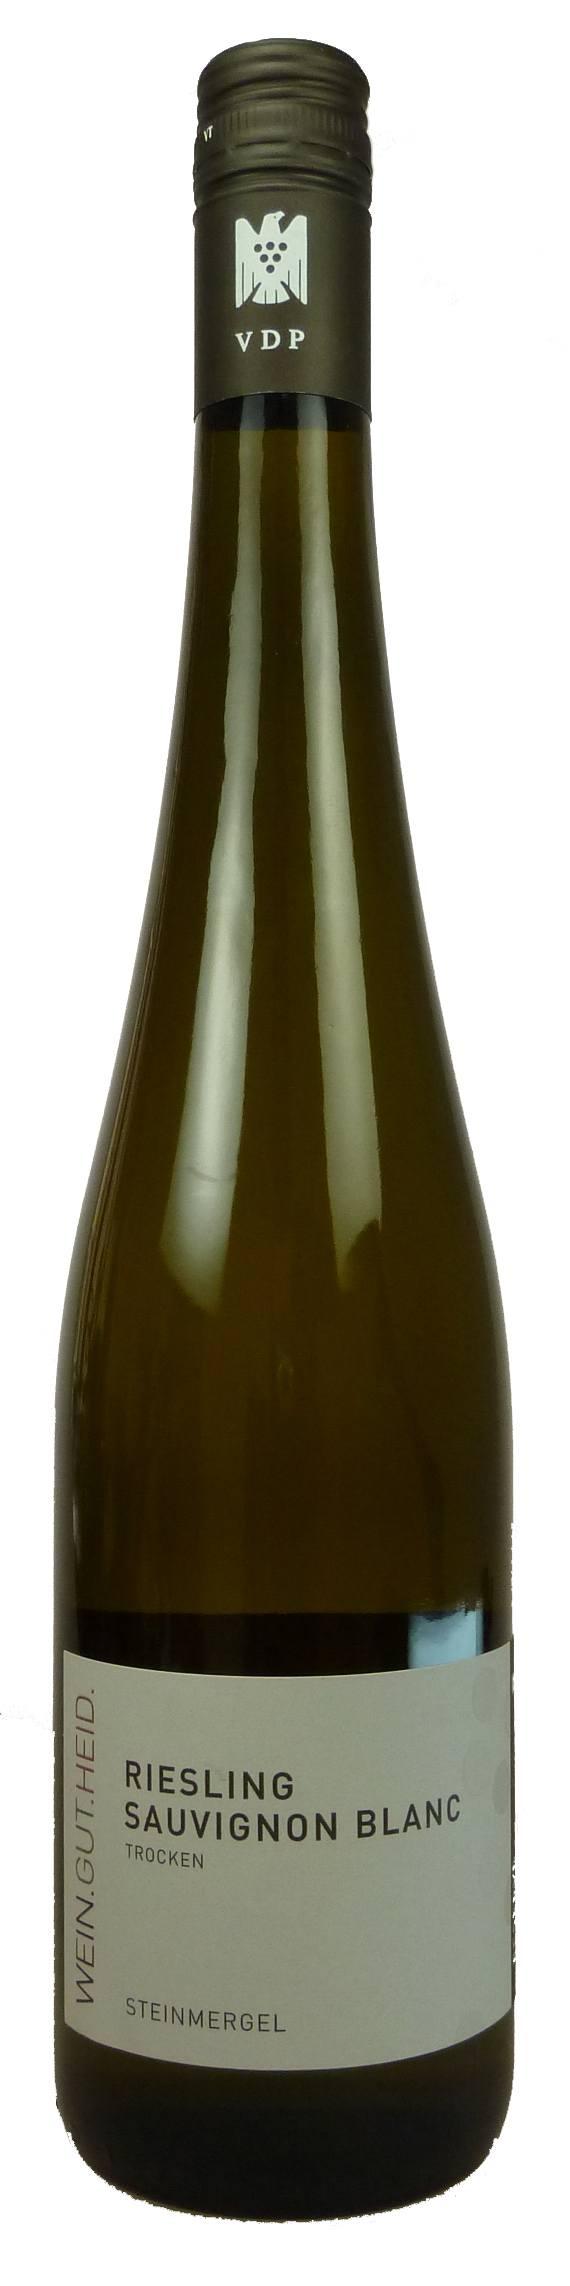 Steinmergel Riesling Sauvignon blanc Qualitätswein trocken 2016